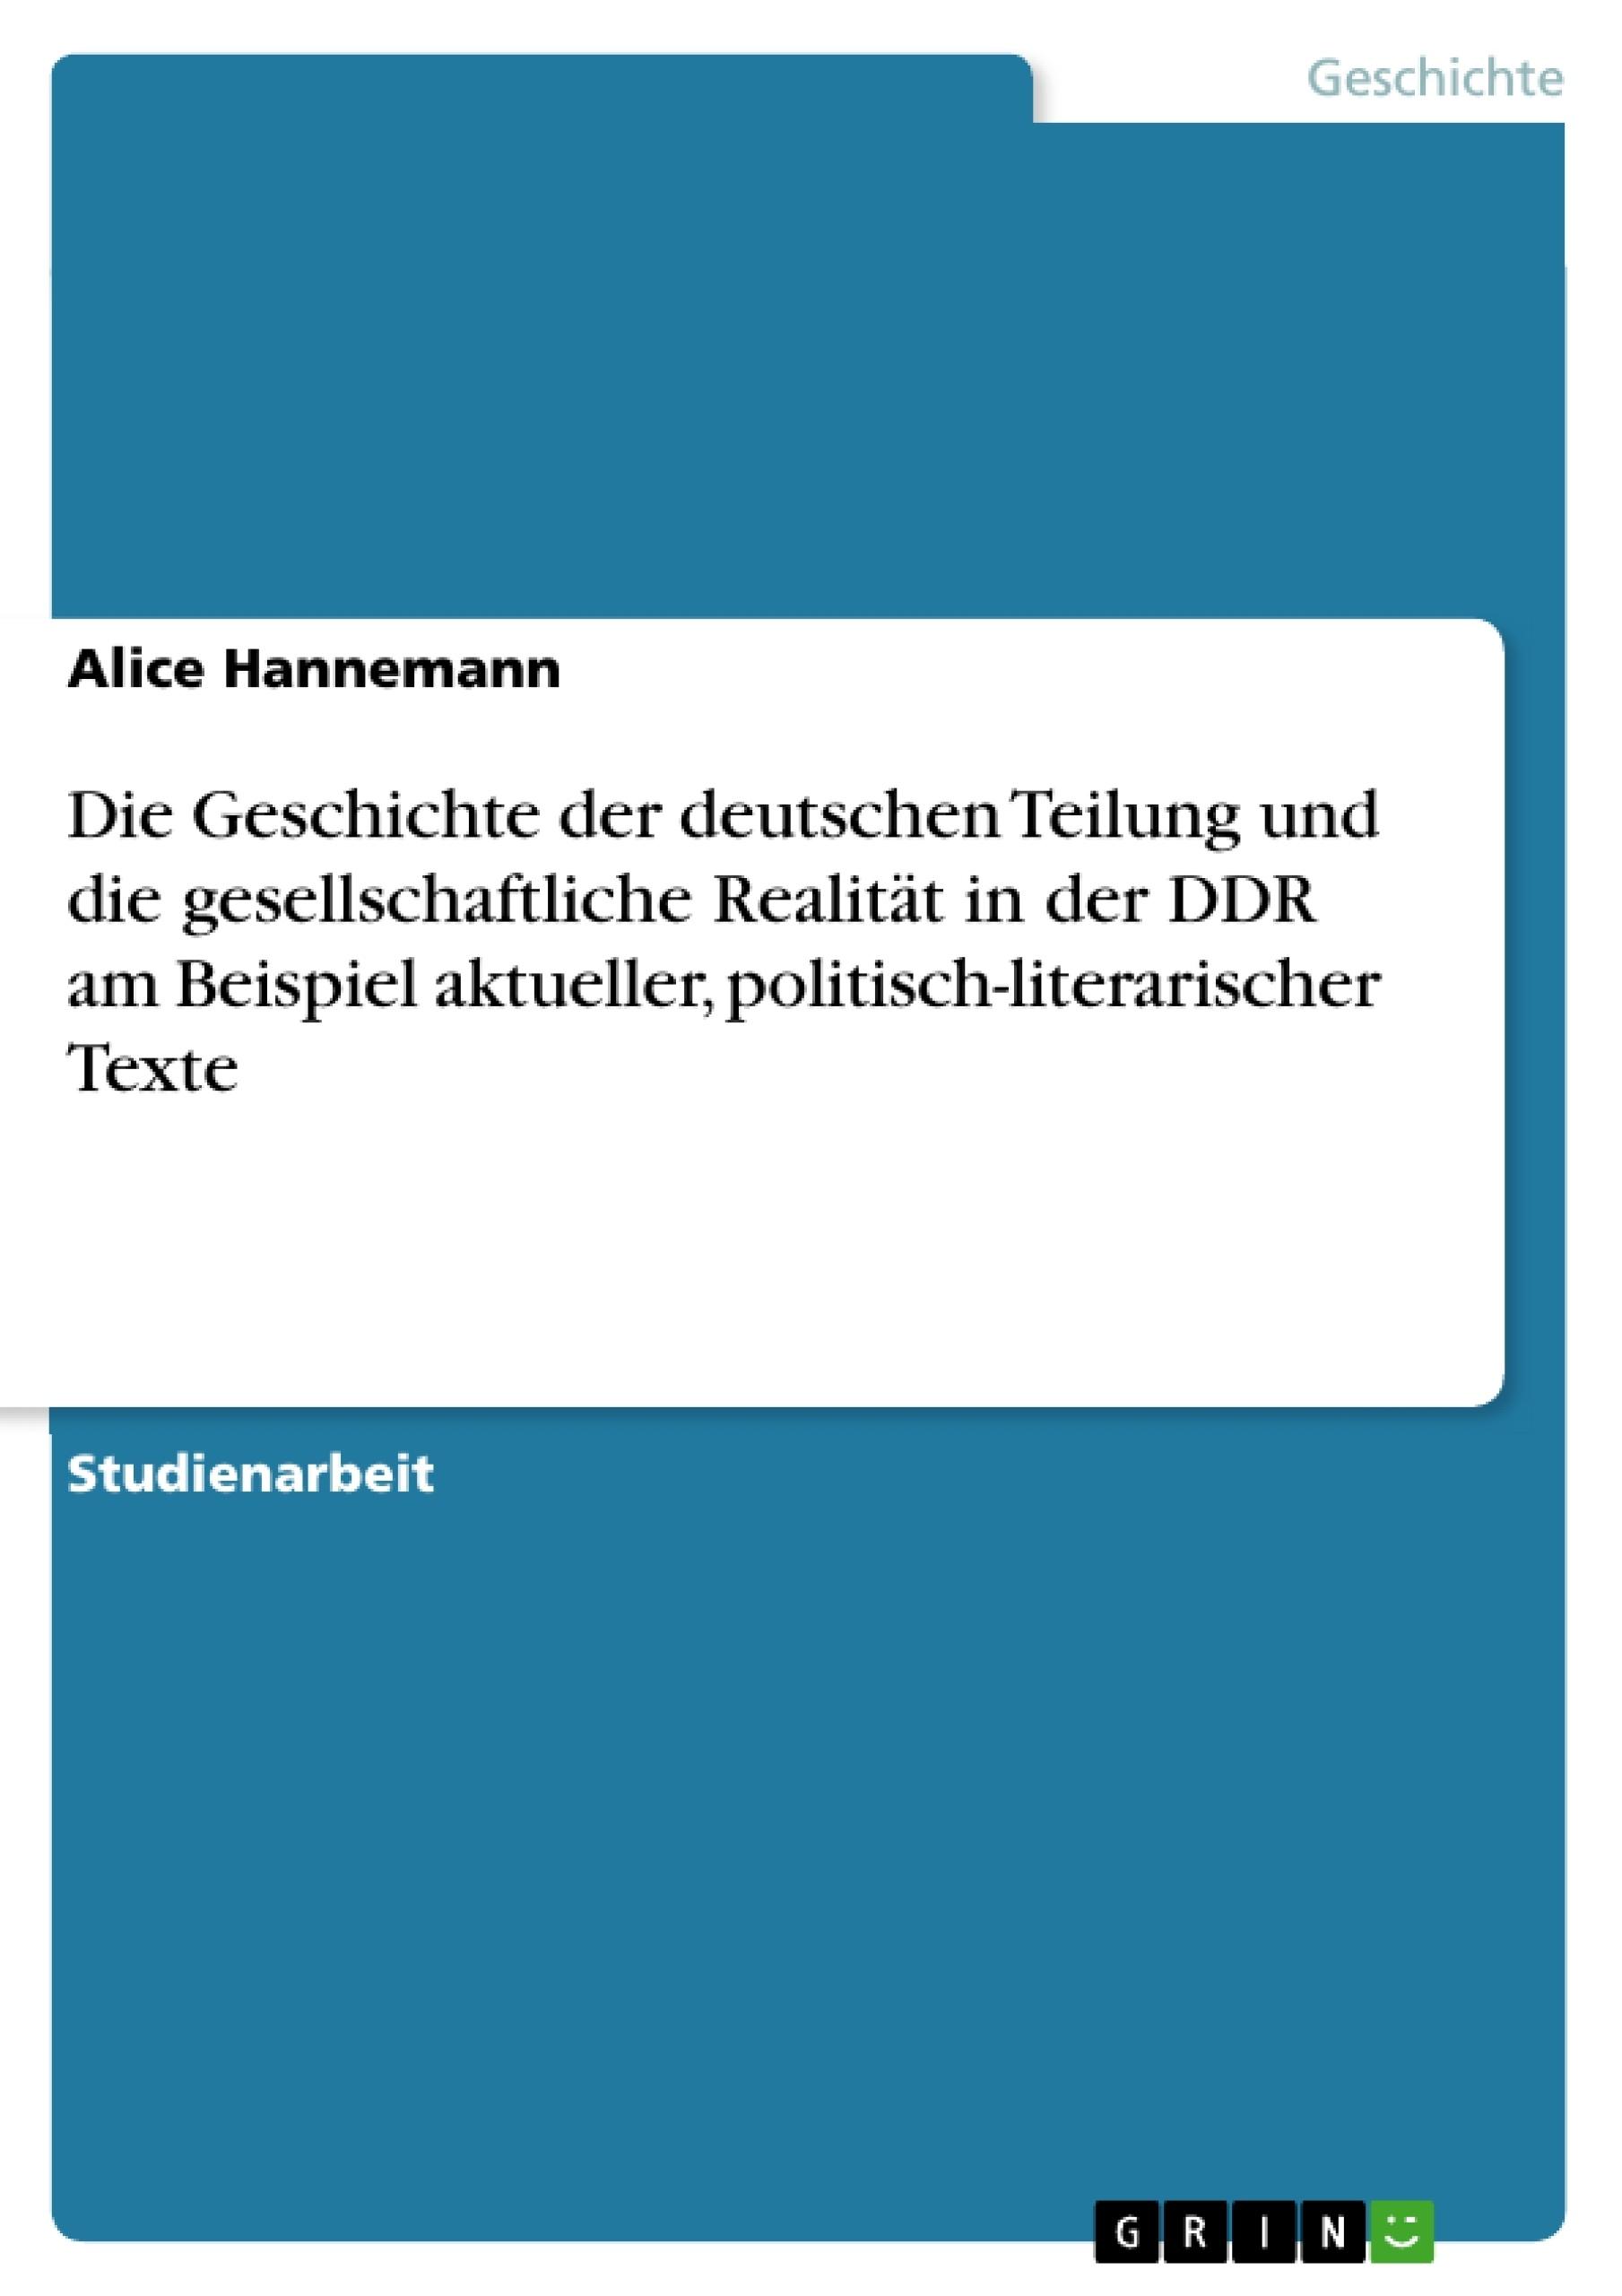 Titel: Die Geschichte der deutschen Teilung und die gesellschaftliche Realität in der DDR am Beispiel aktueller, politisch-literarischer Texte